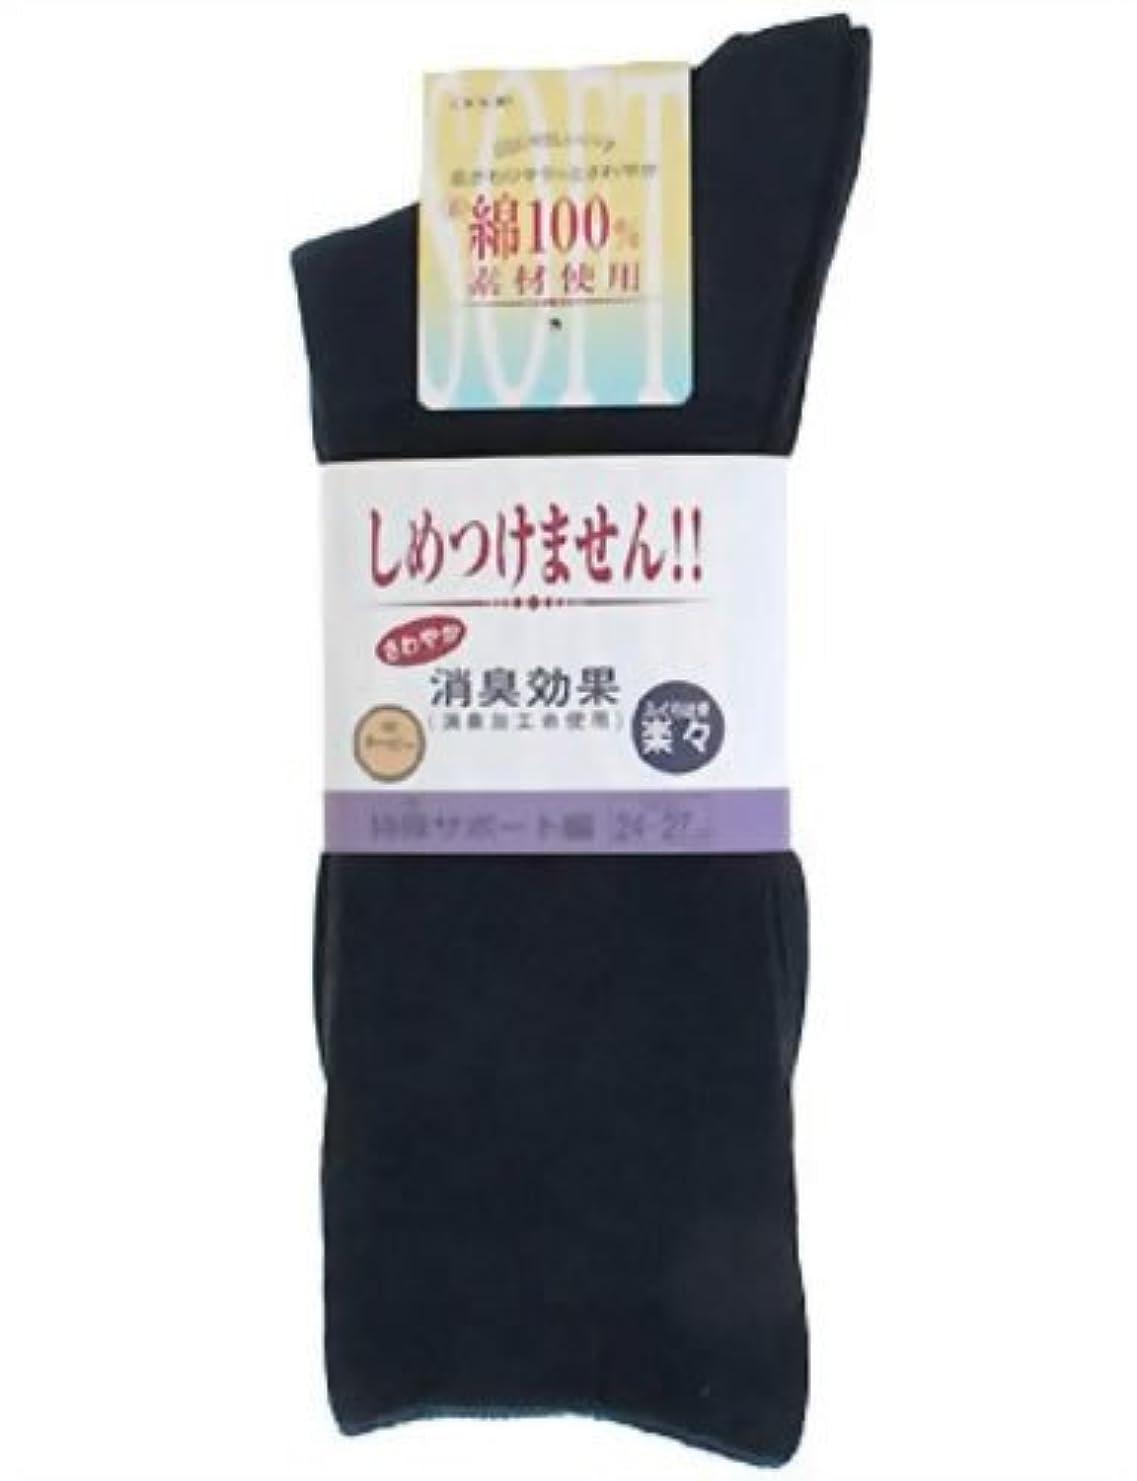 和らげる別々に父方の神戸生絲 ふくらはぎ楽らくソックス 紳士 春夏用 ネービー 5950 ネービー